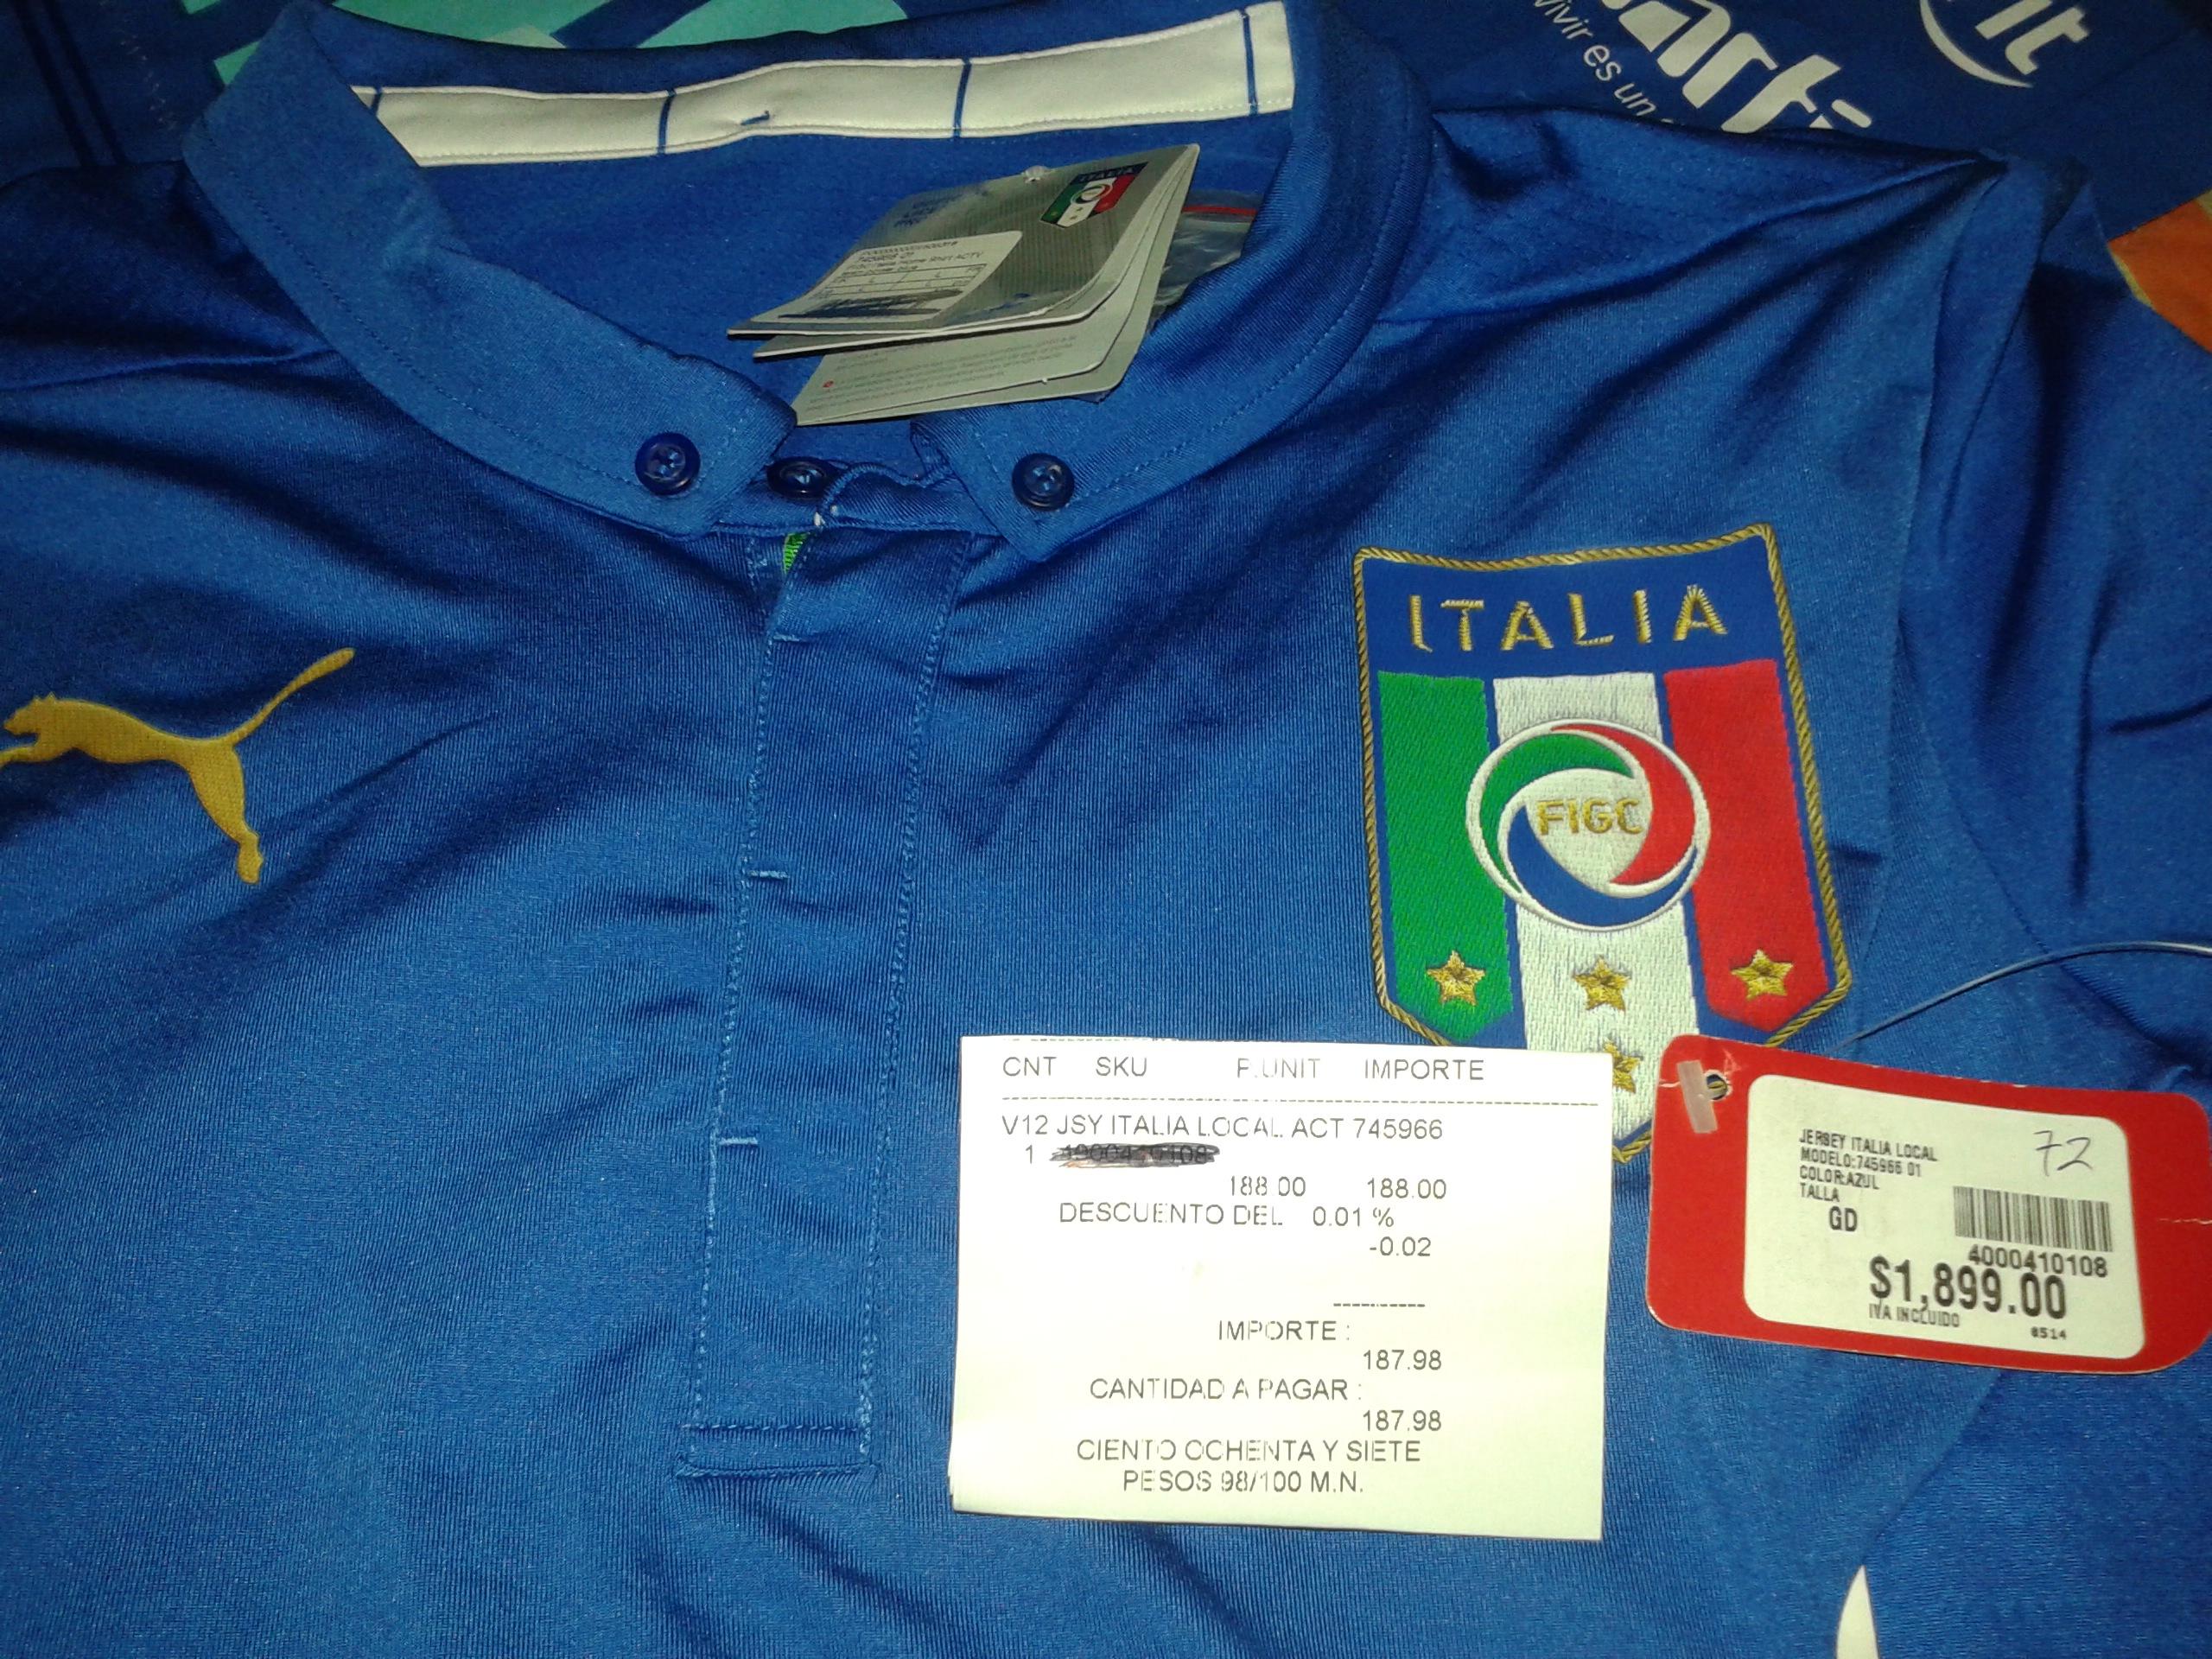 Martí Patio Texcoco: jersey italia de $1,899 a $187